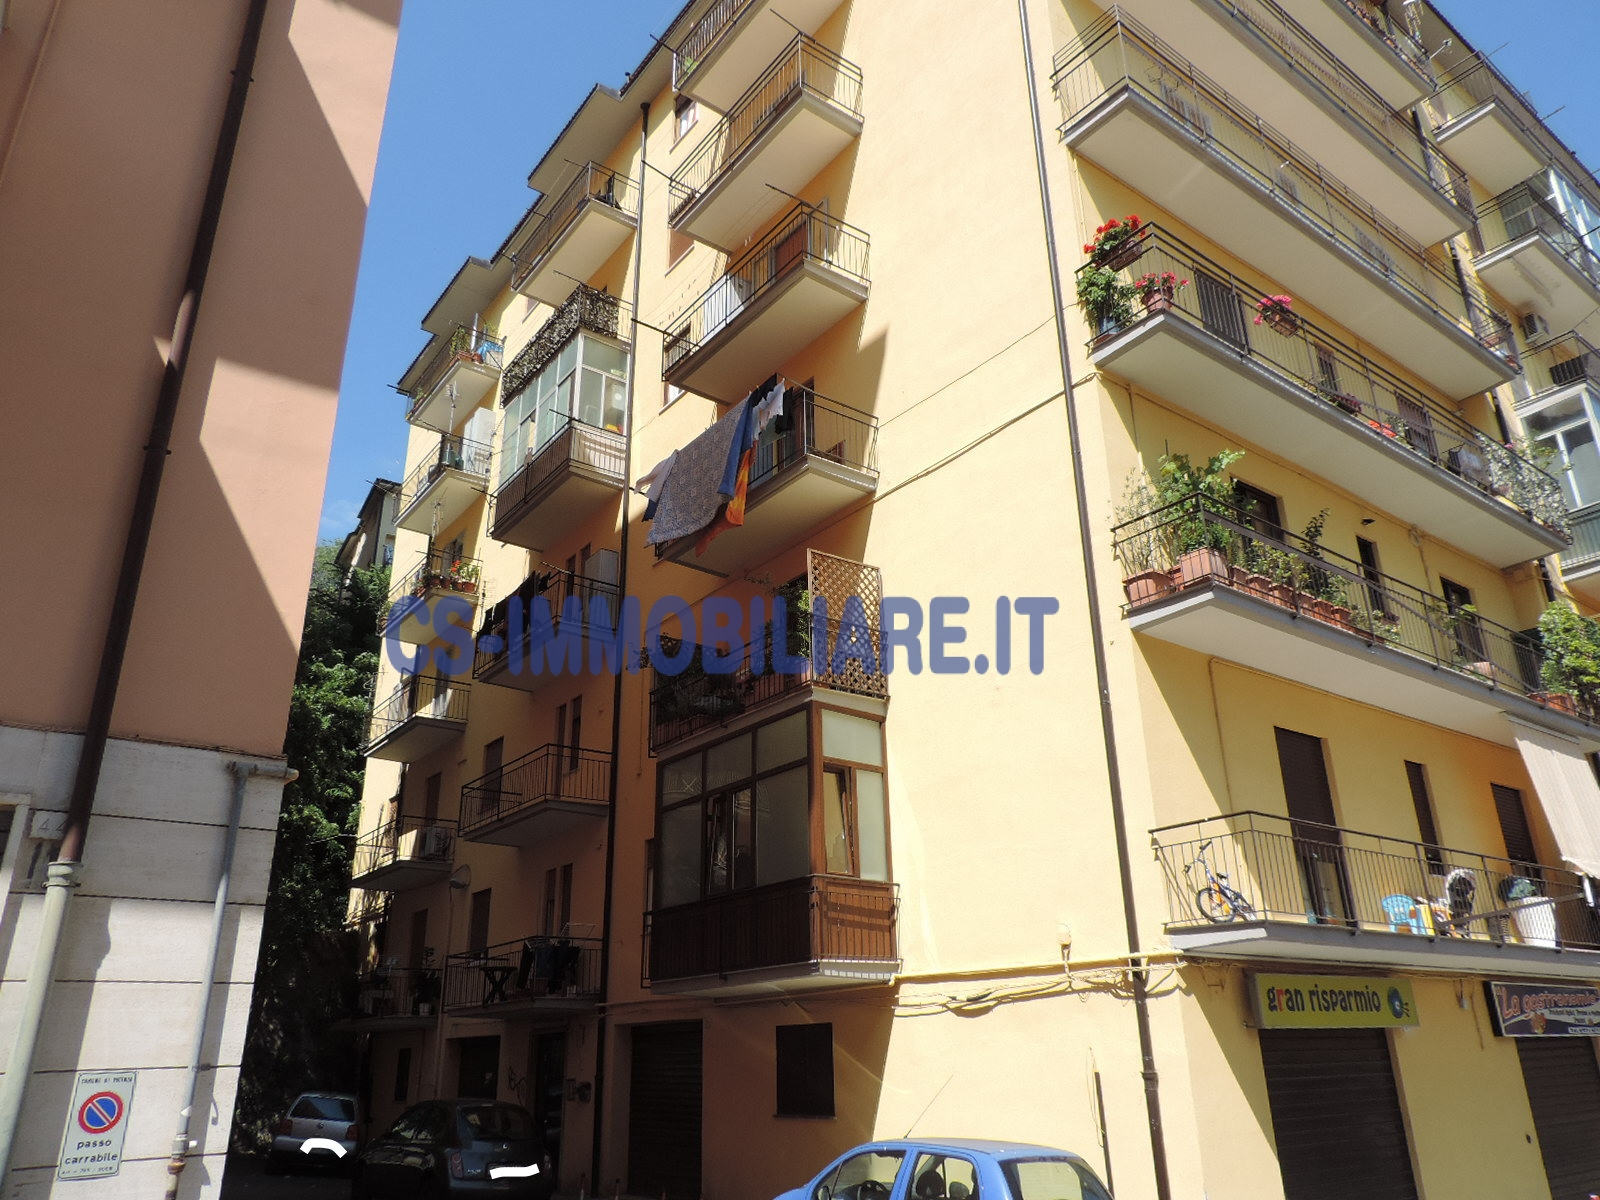 Appartamento in affitto a Potenza, 2 locali, zona Località: VialeDante, prezzo € 330 | CambioCasa.it